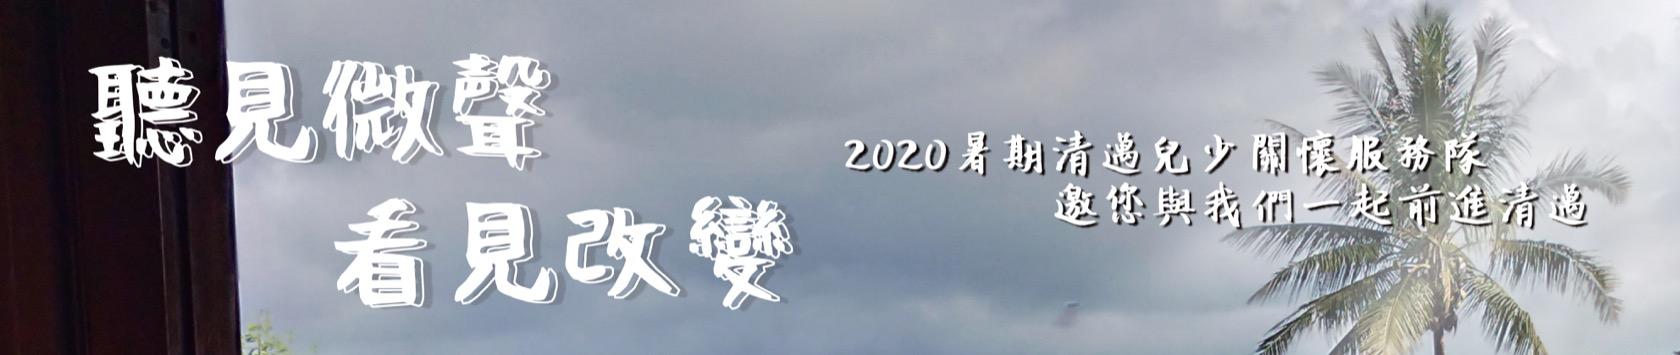 2020暑期清邁兒少關懷服務計畫